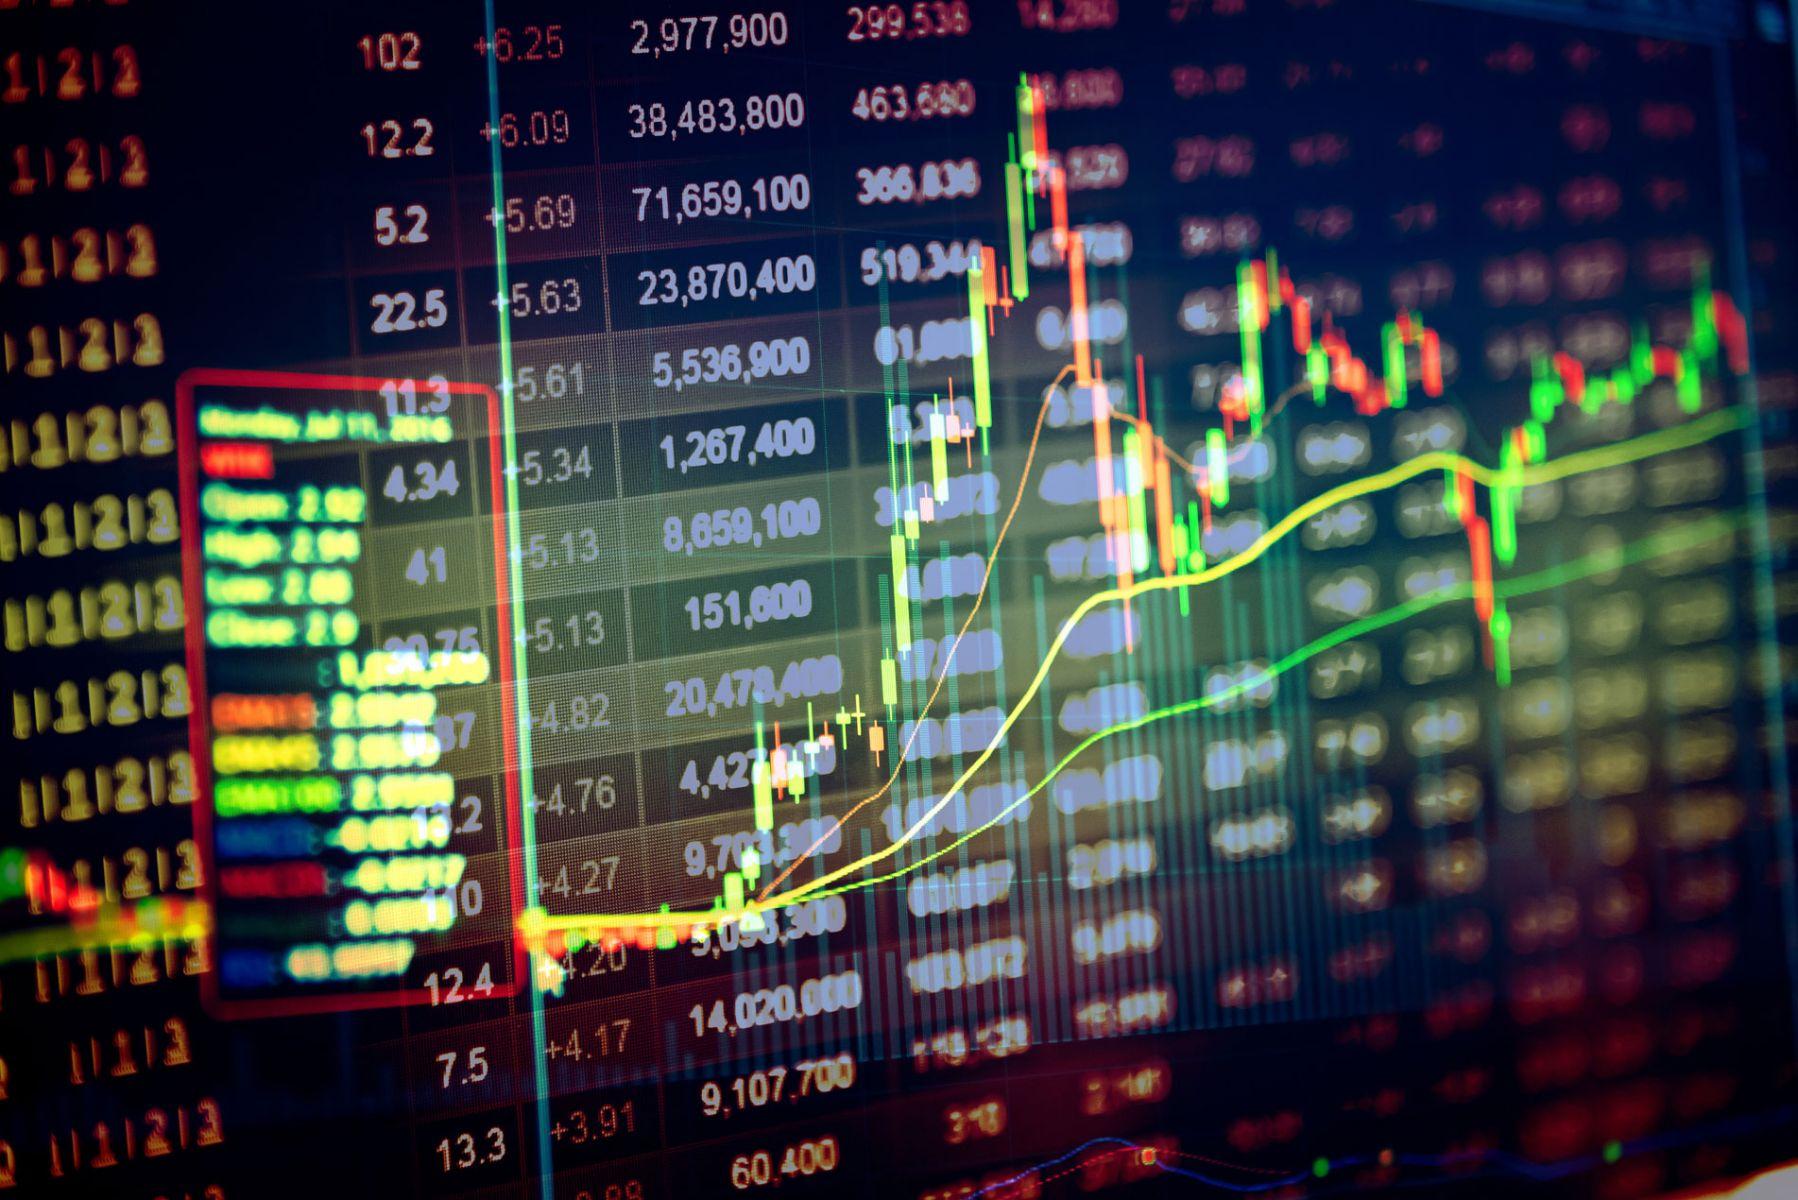 《【万和城代理平台】收购万隆证券,董事入驻鲁大师,360布局港股市场》